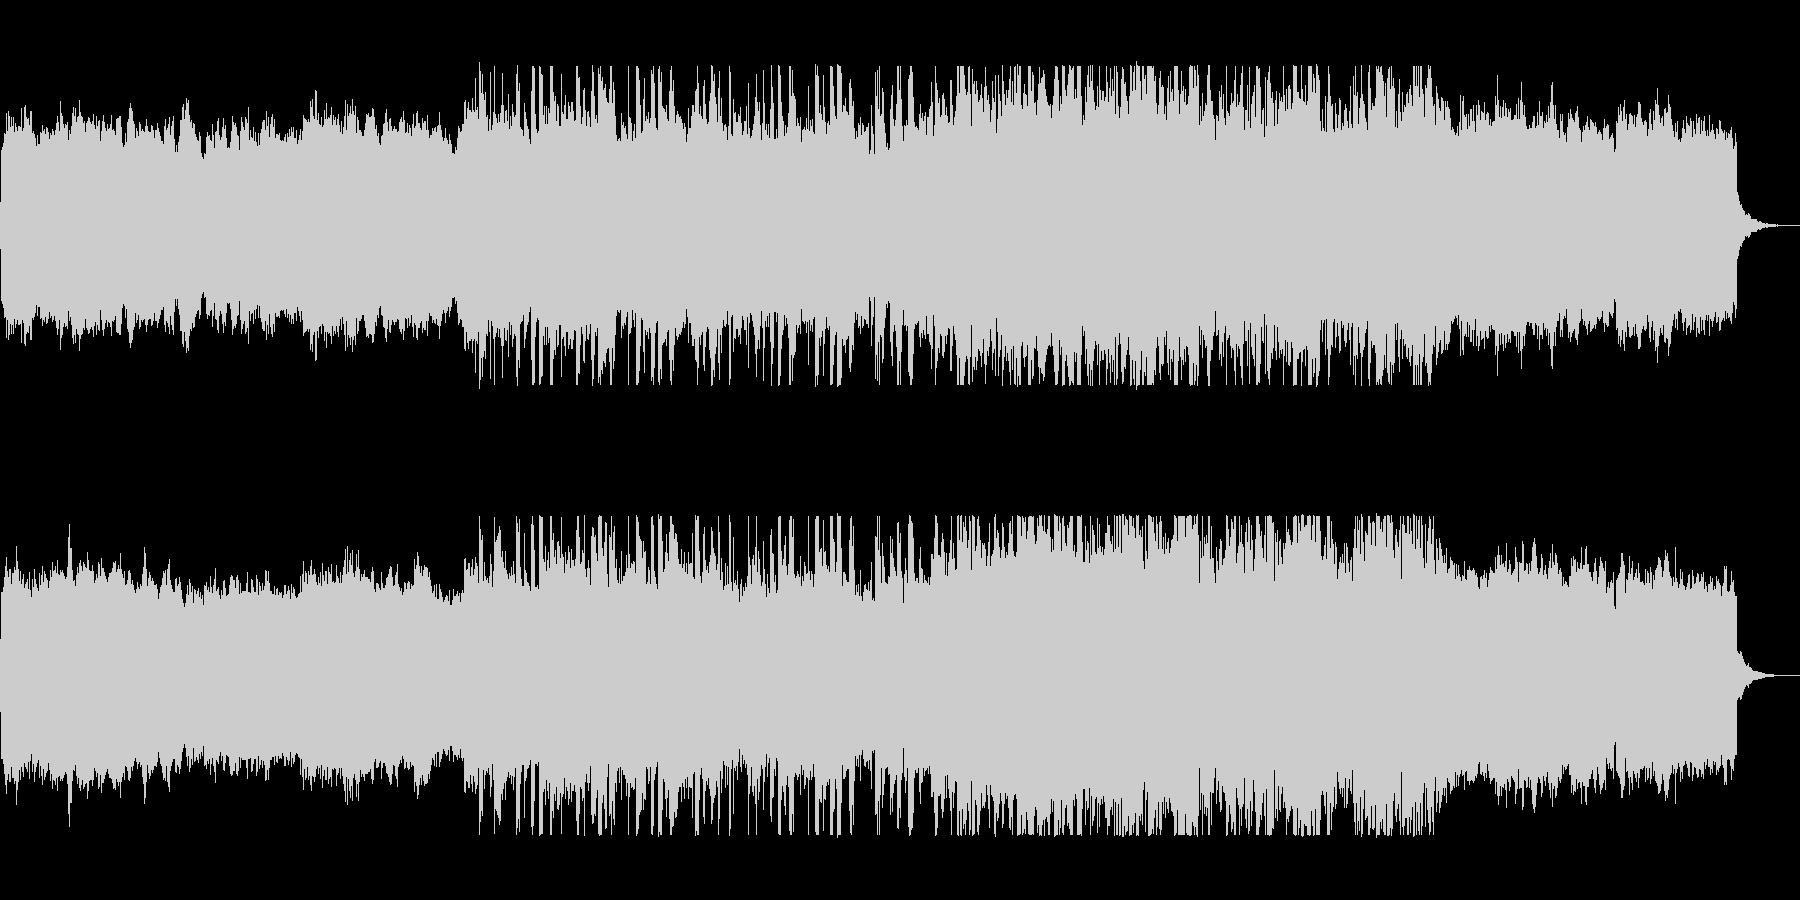 緩やかで幻想的なポップピアノサウンドの未再生の波形